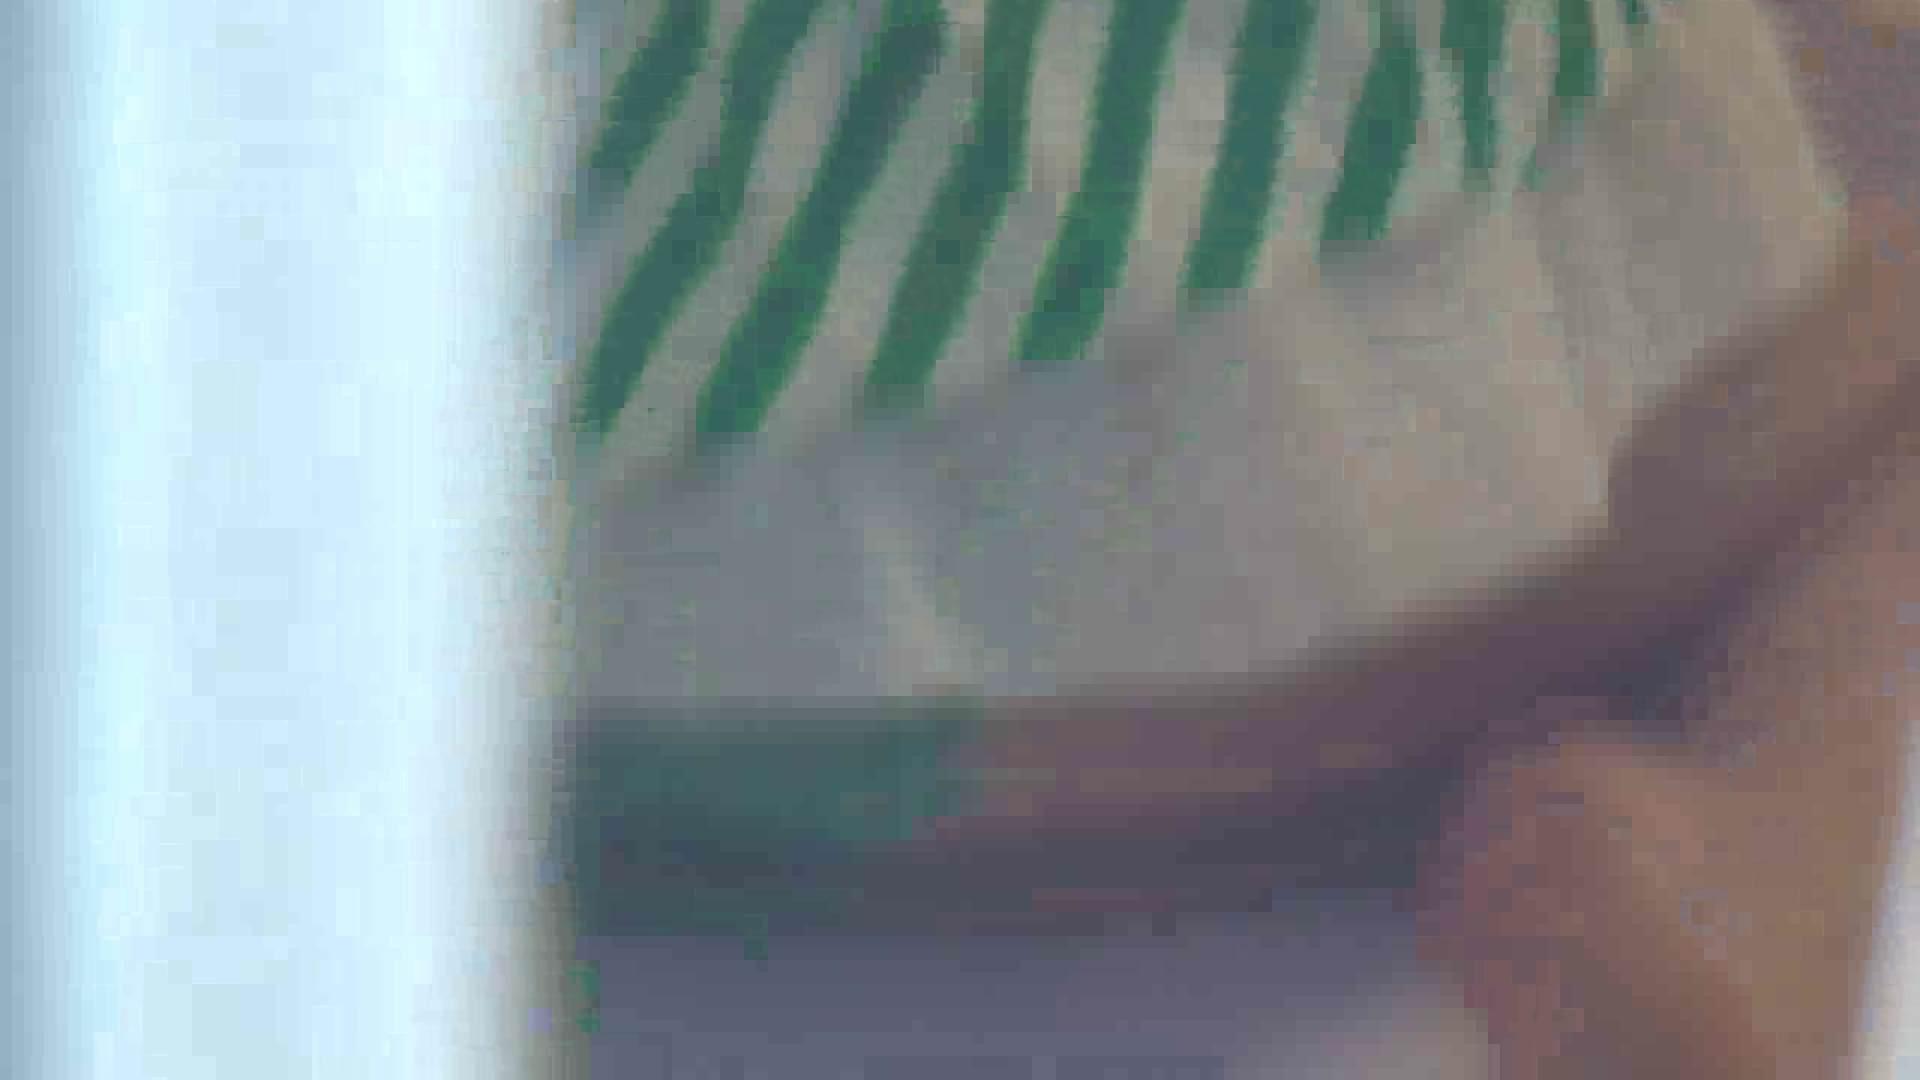 老舗ペンション2代目オーナーが流出したお宝映像Vol.1 OLセックス  87画像 46